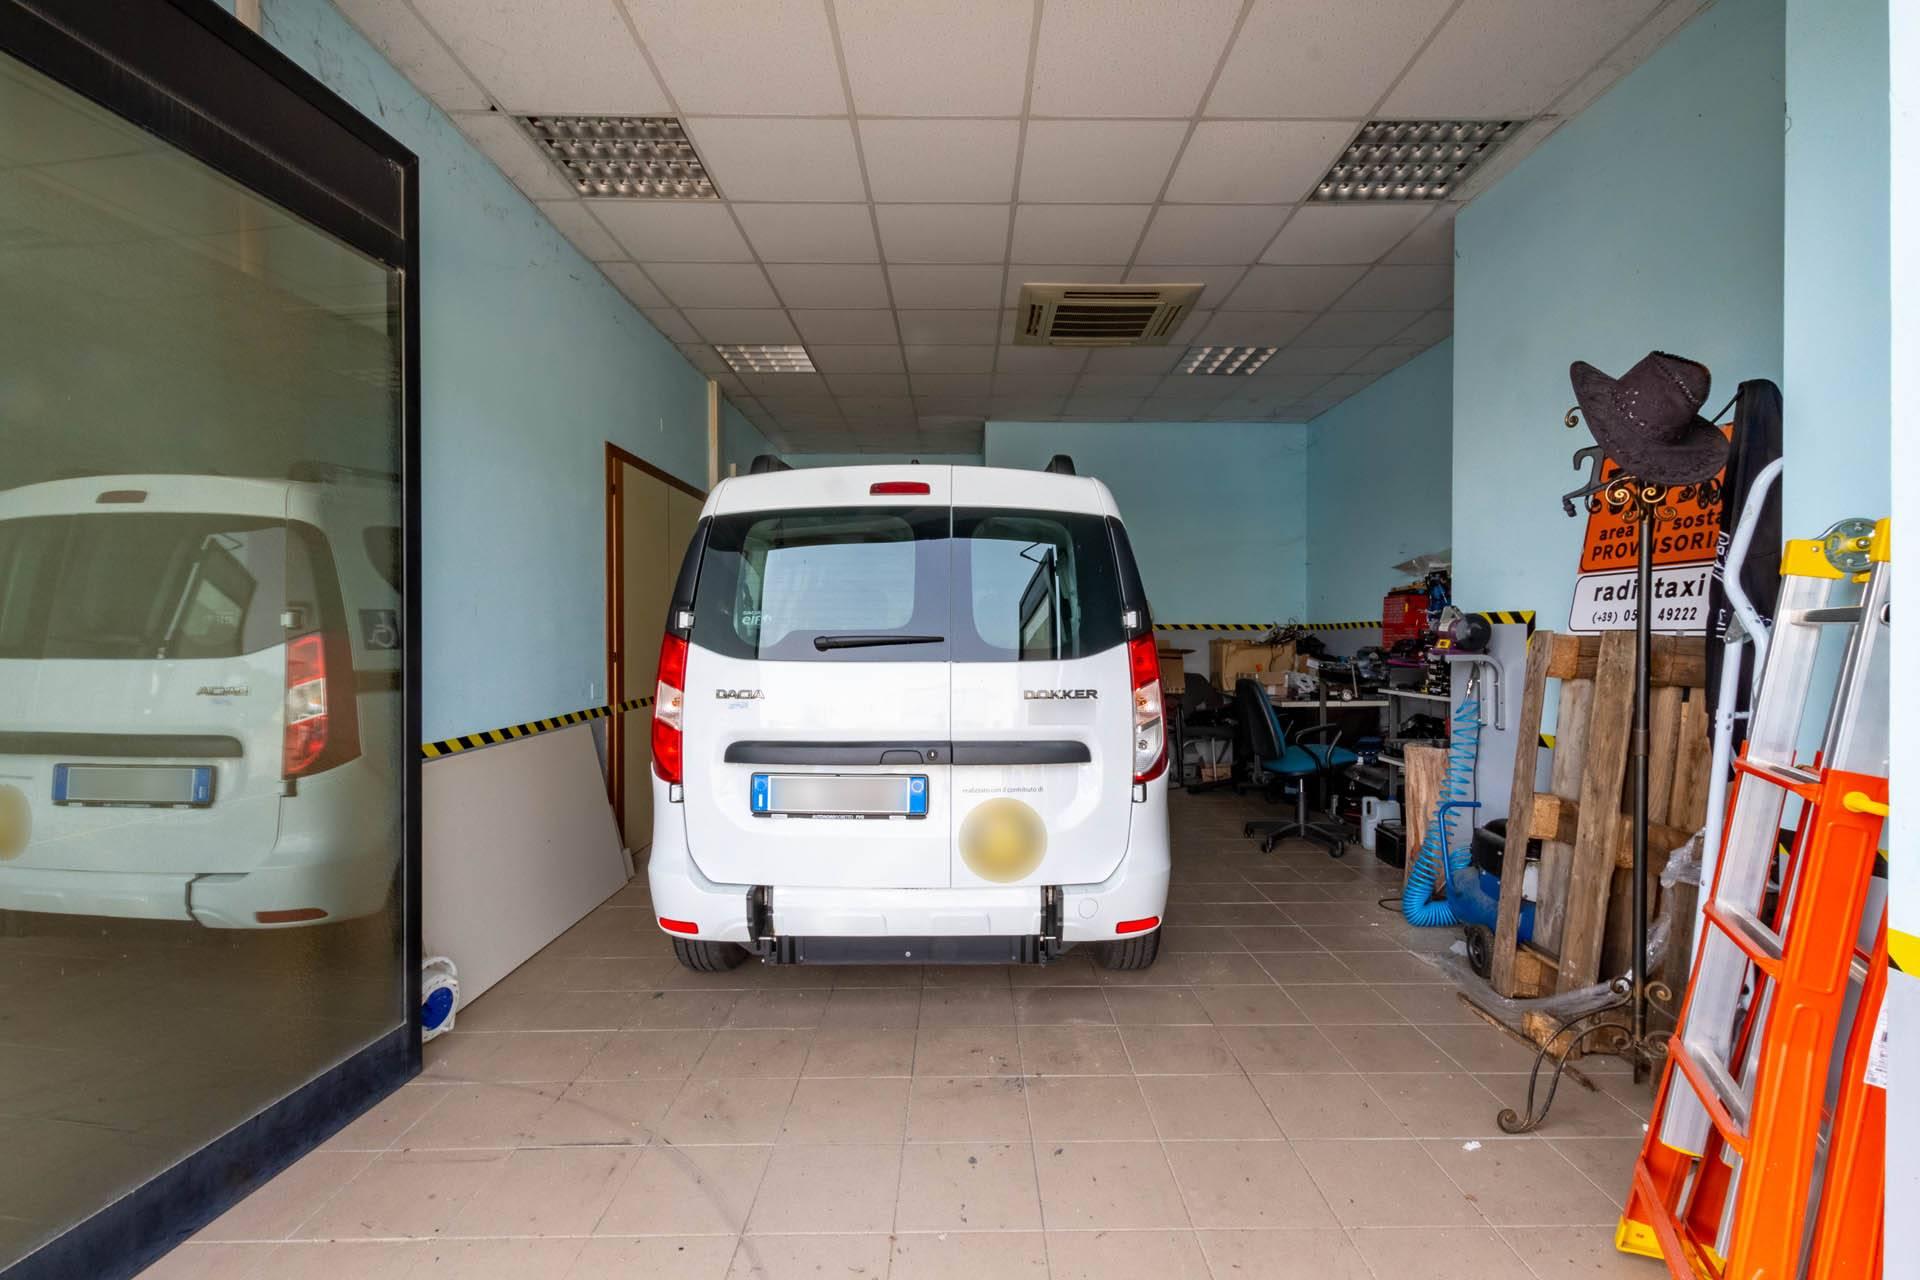 Ufficio/garage piano terreno